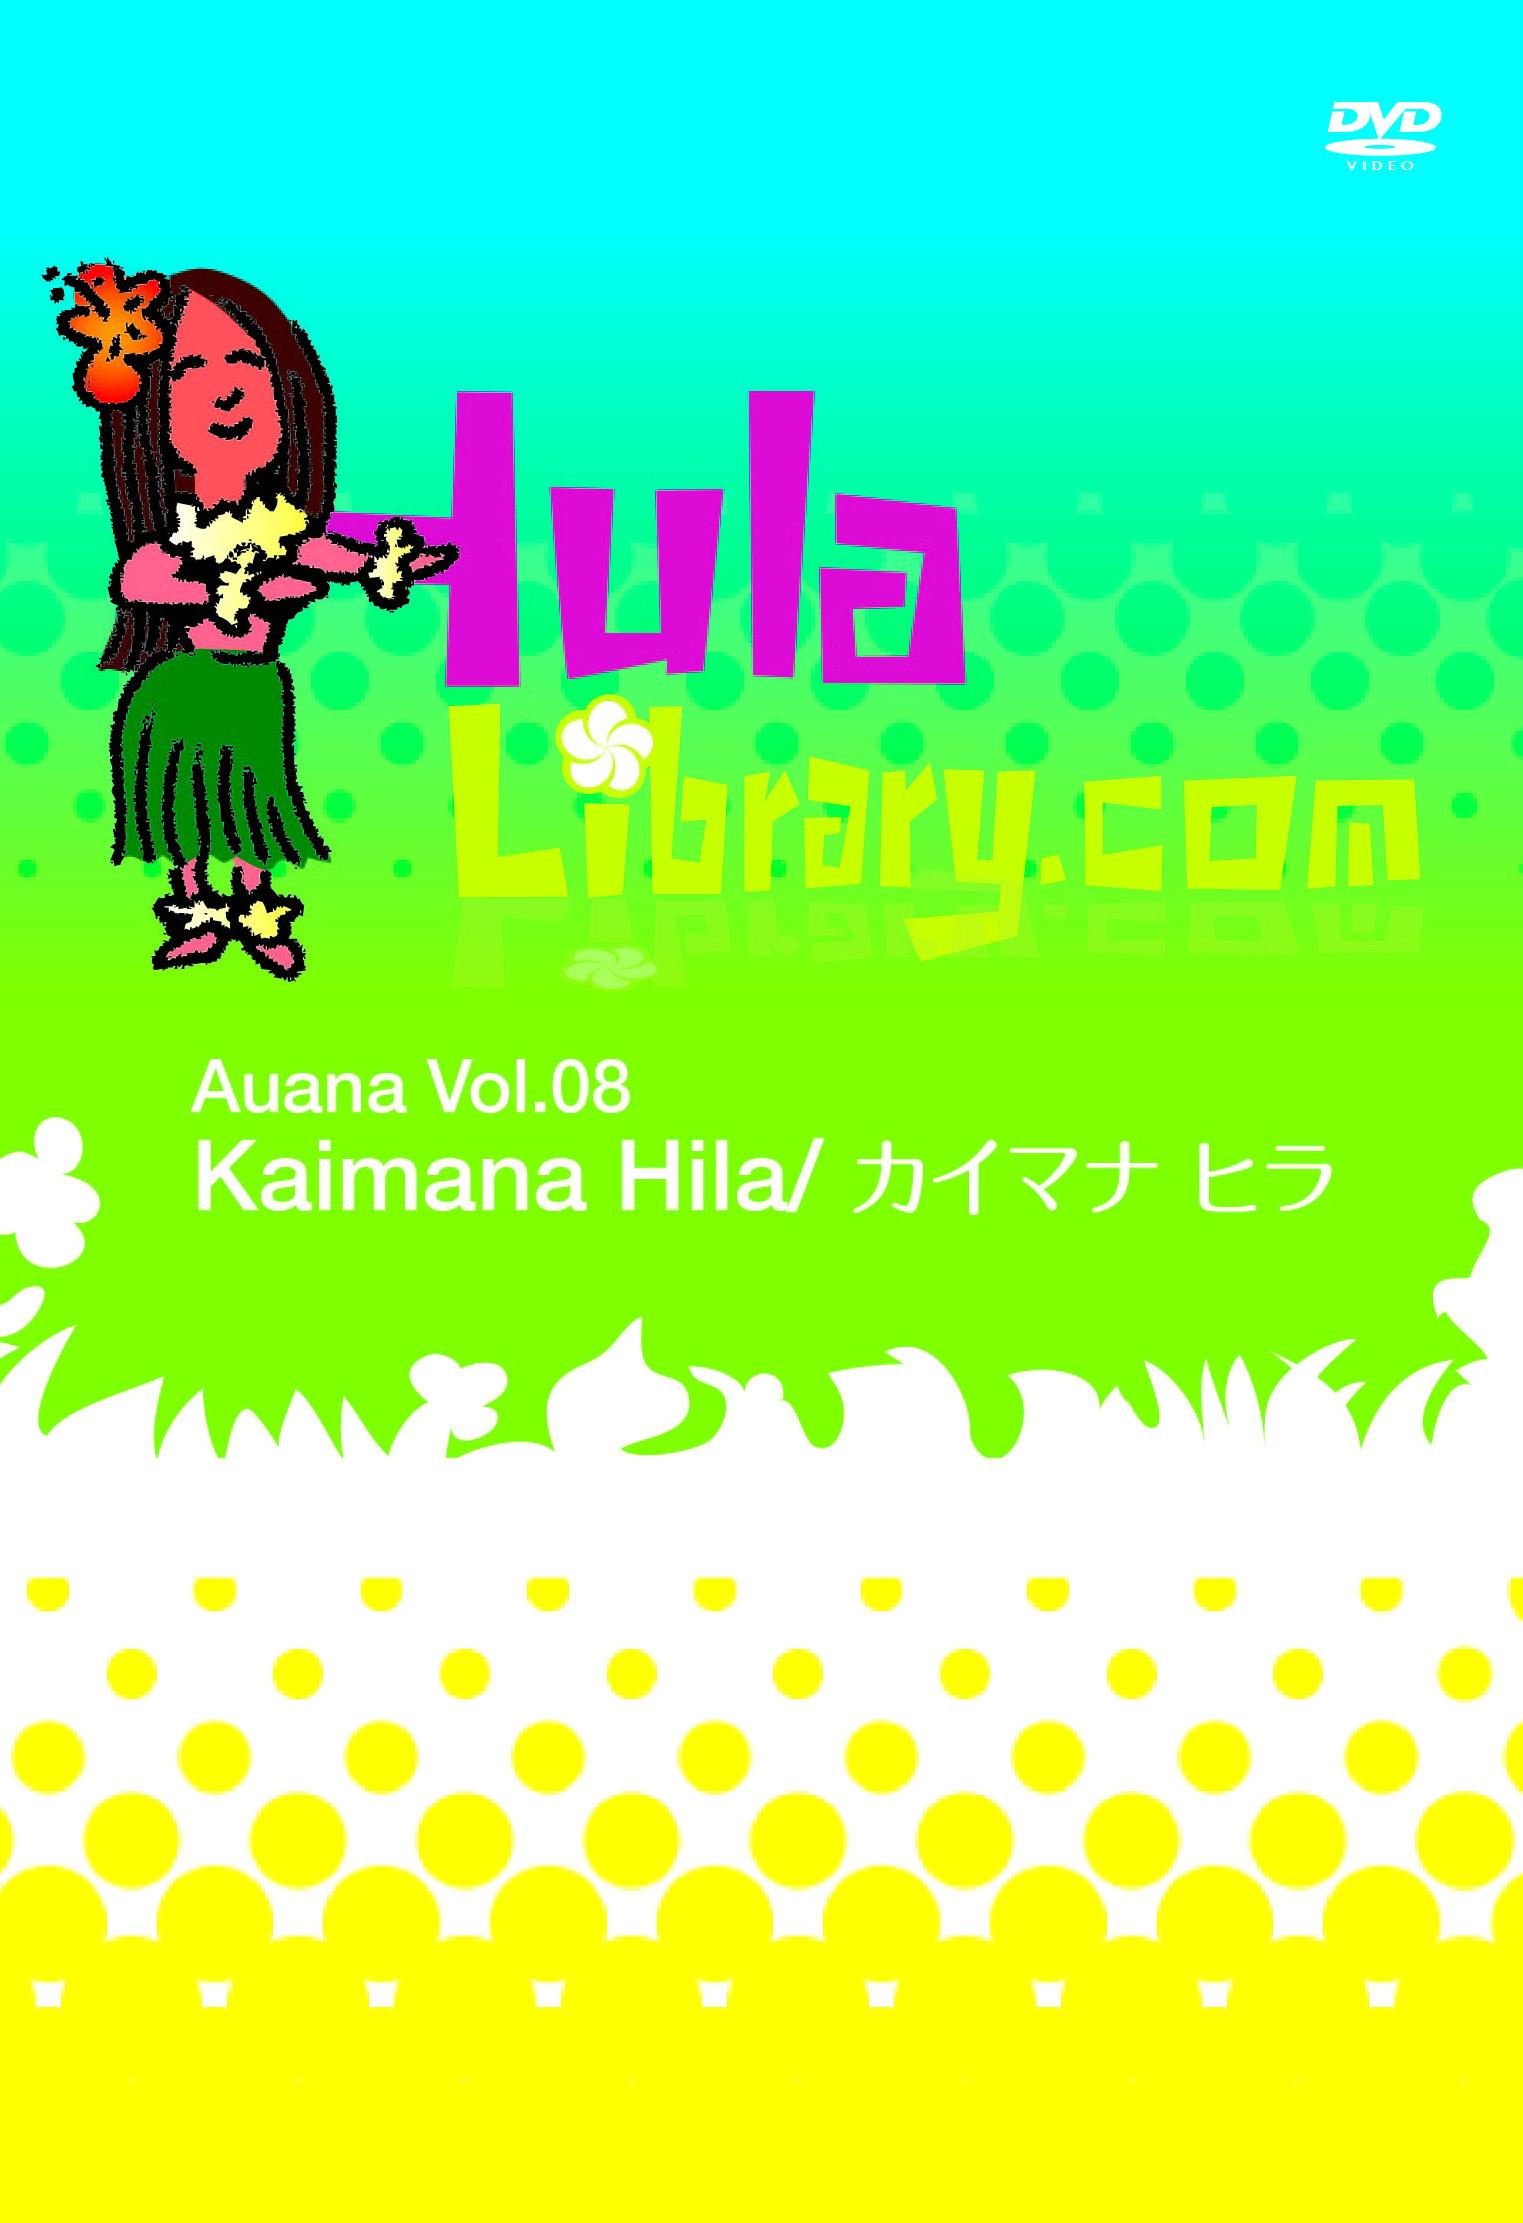 フラライブラリーDVD Vol.8 Kaimana Hila/カイマナ ヒラ